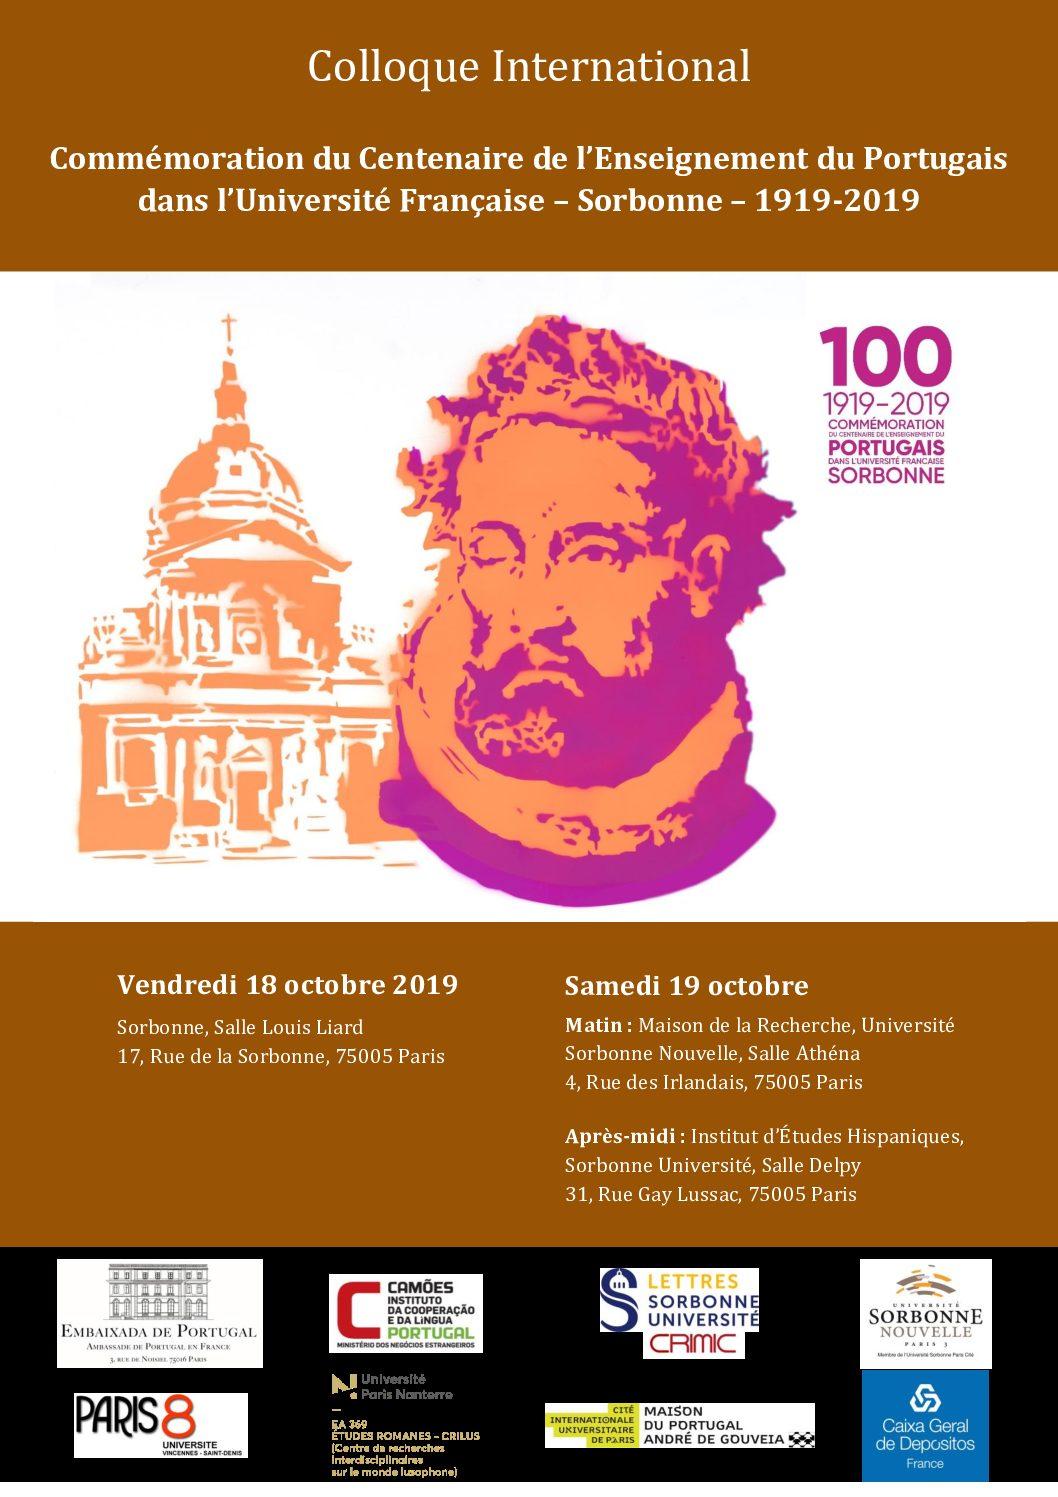 Commémoration du Centenaire de l'enseignement du Portugais dans l'Université française (1919-2019)